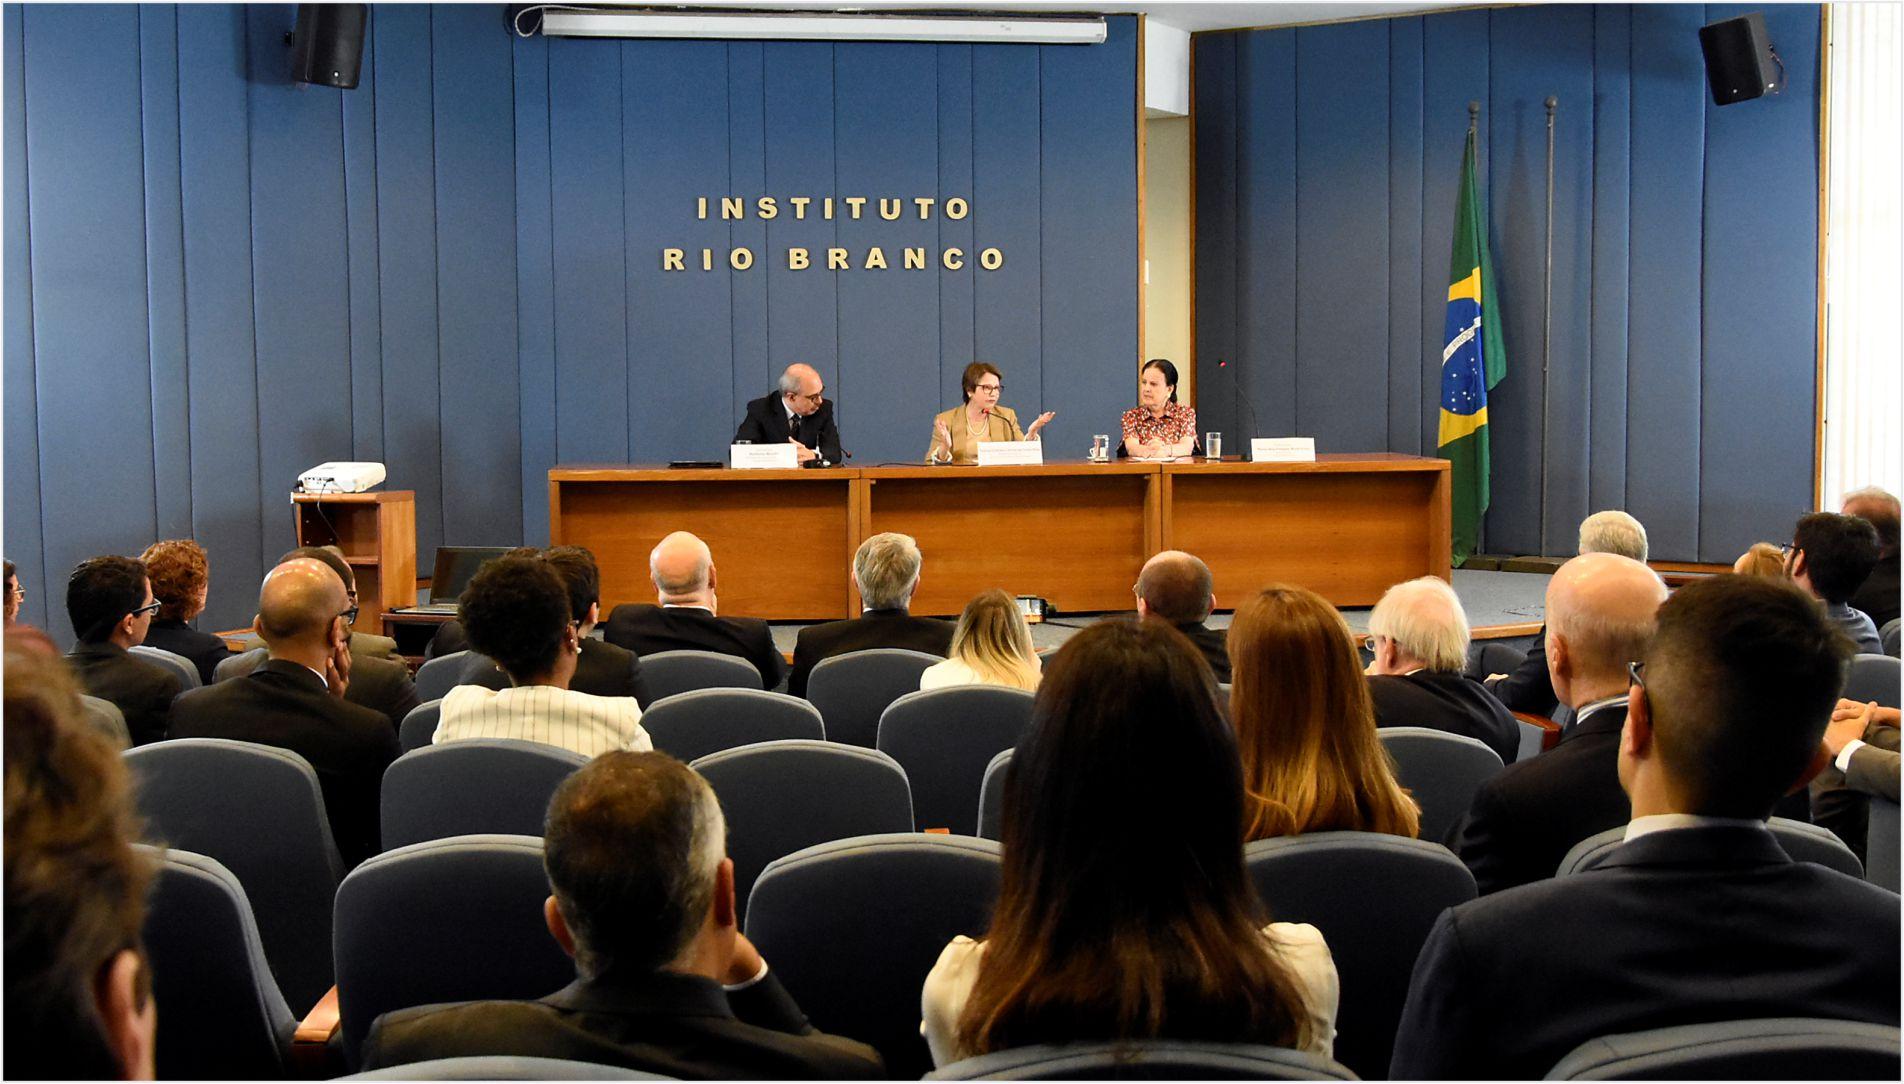 Conferência da ministra da Agricultura, Pecuária e Abastecimento, Tereza Cristina